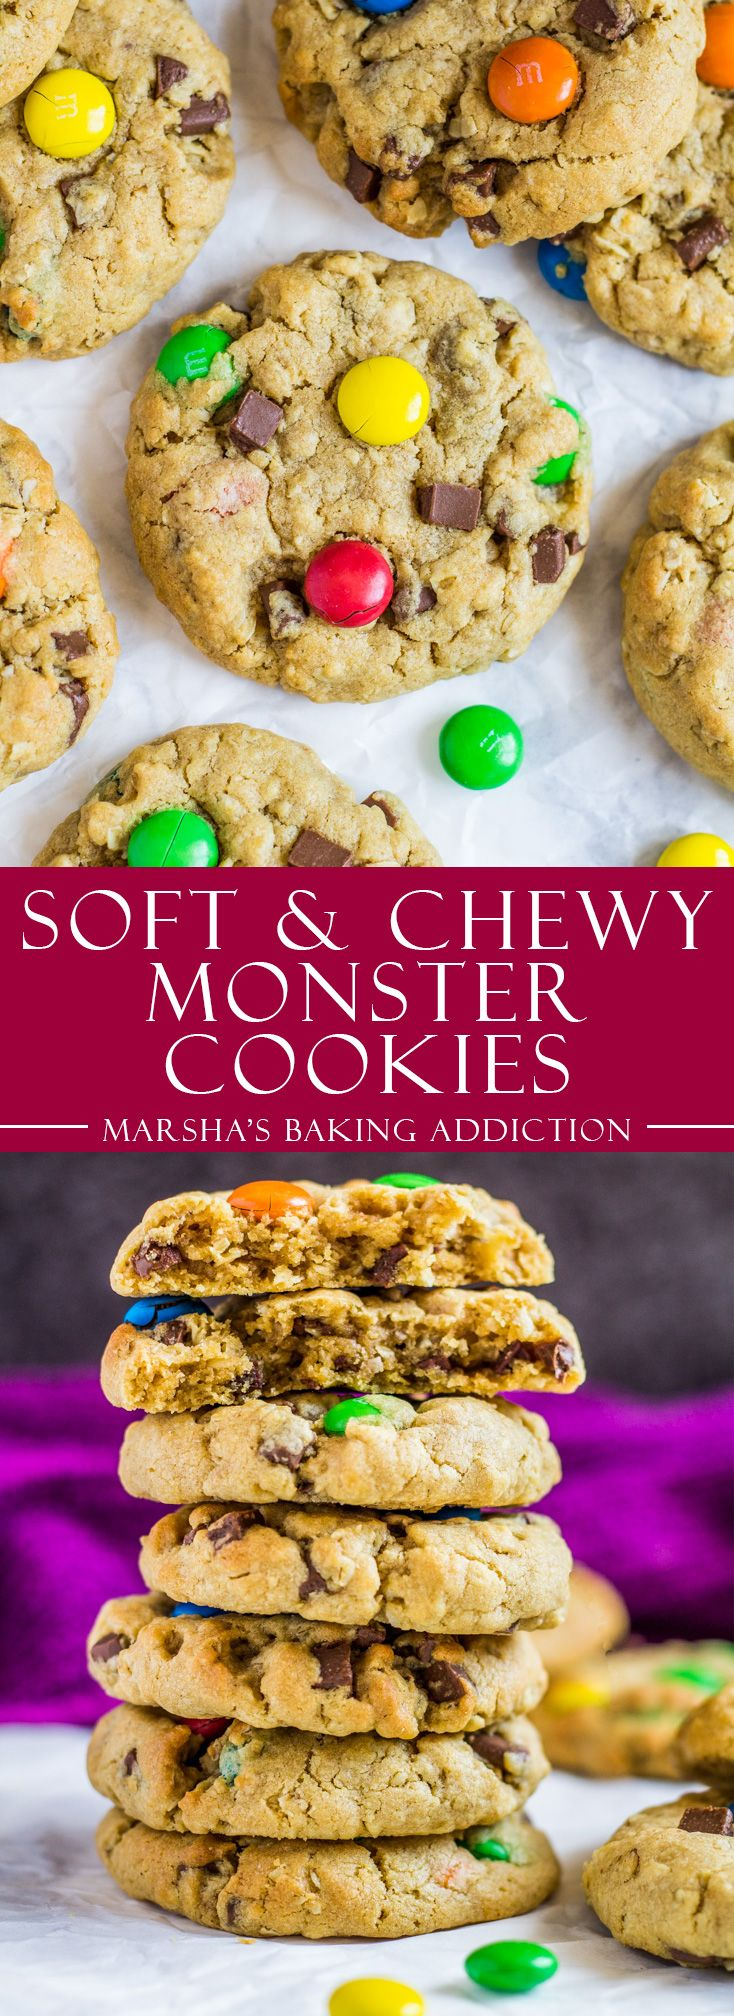 Soft and Chewy Monster Cookies   marshasbakingaddiction.com @marshasbakeblog